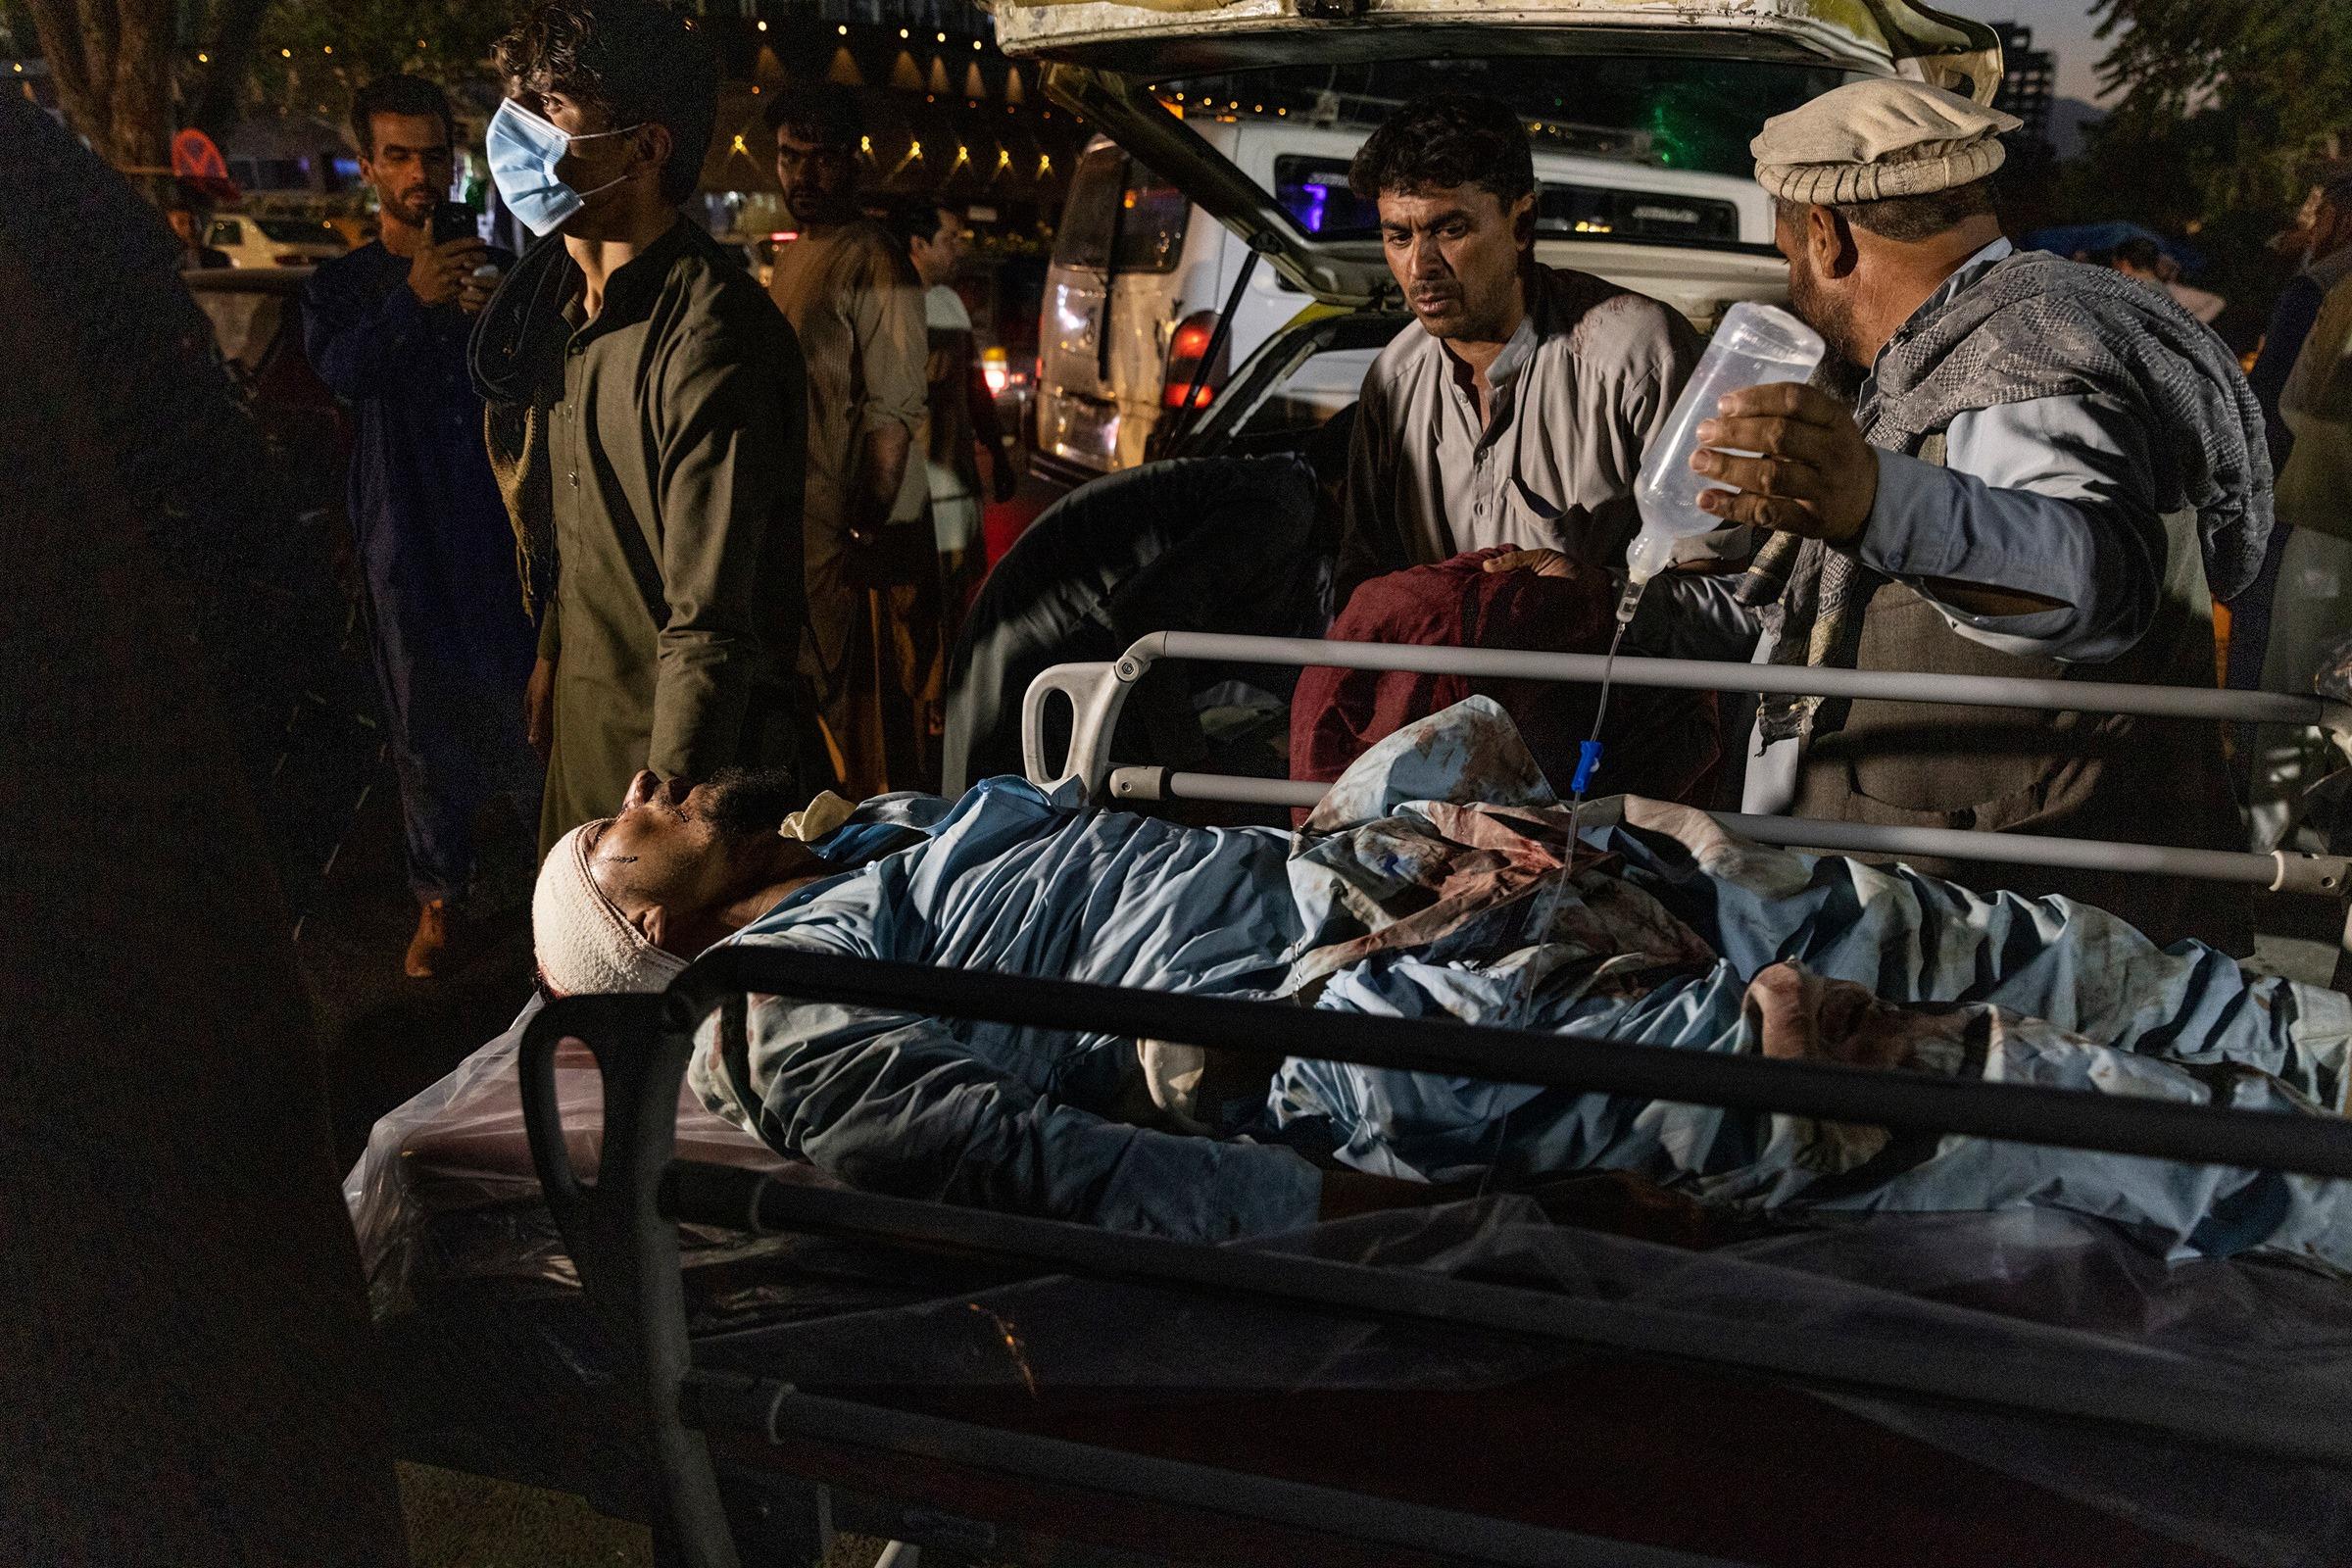 Nạn nhân vụ đánh bom sân bay Kabul ngày 26/8 được chuyển đến bệnh viện thành phố. Ảnh: NYT.